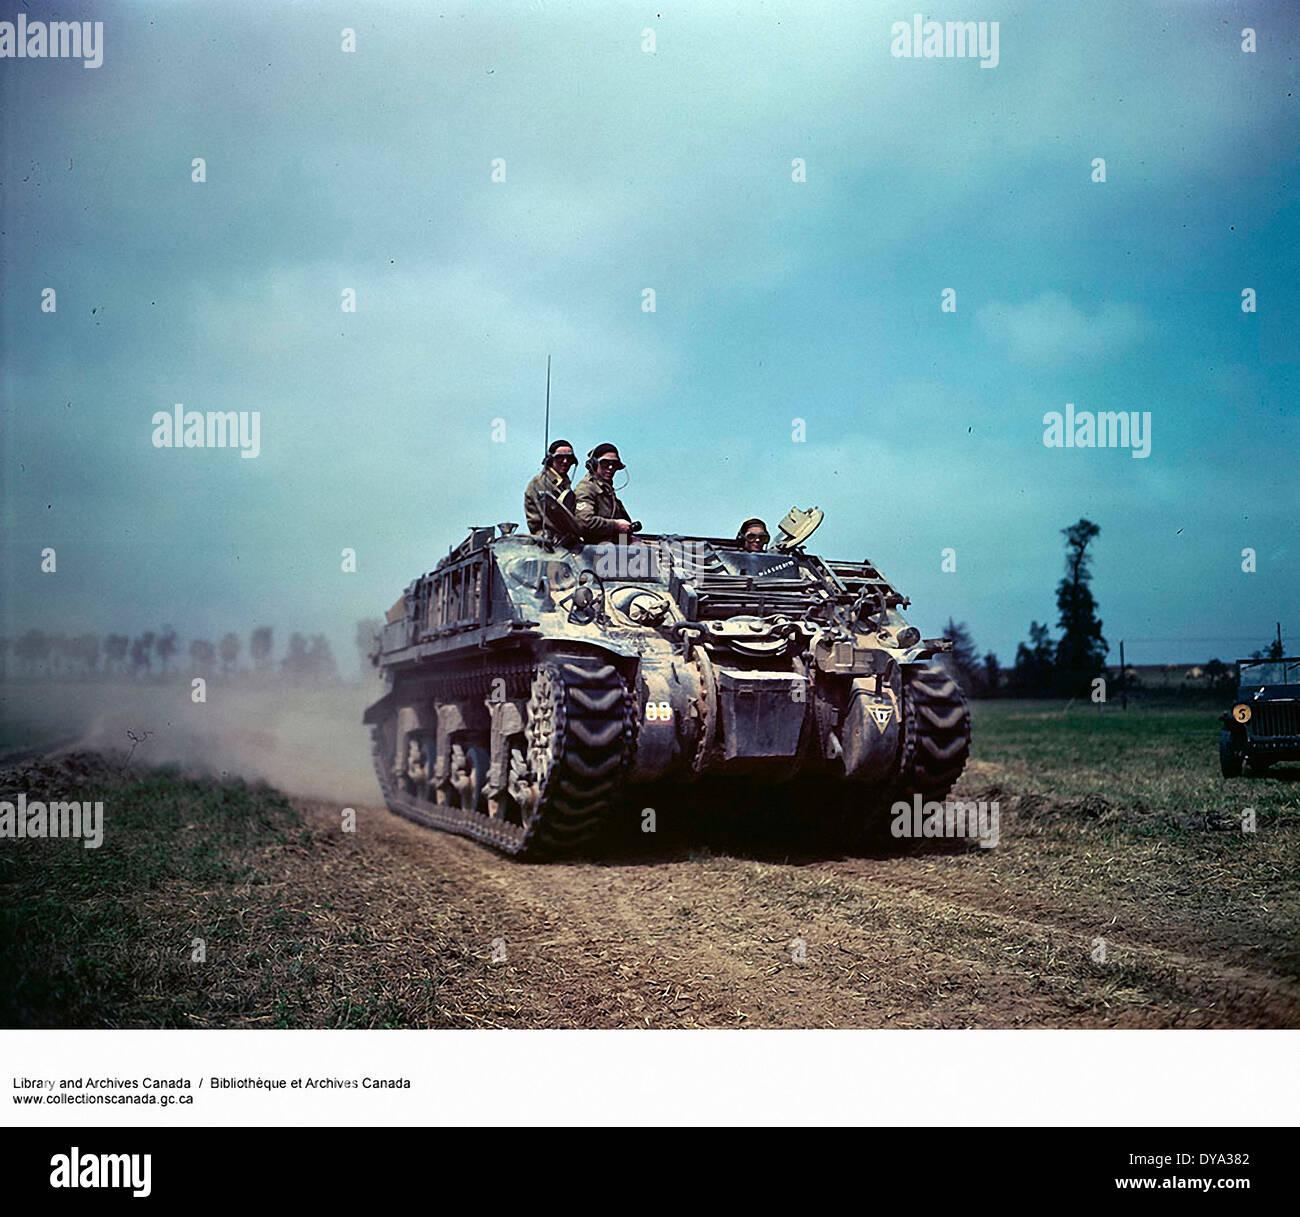 WW II, historical, war, world war, second world war, tank, Sherman, field, invasion, 1944, France, Europe, - Stock Image